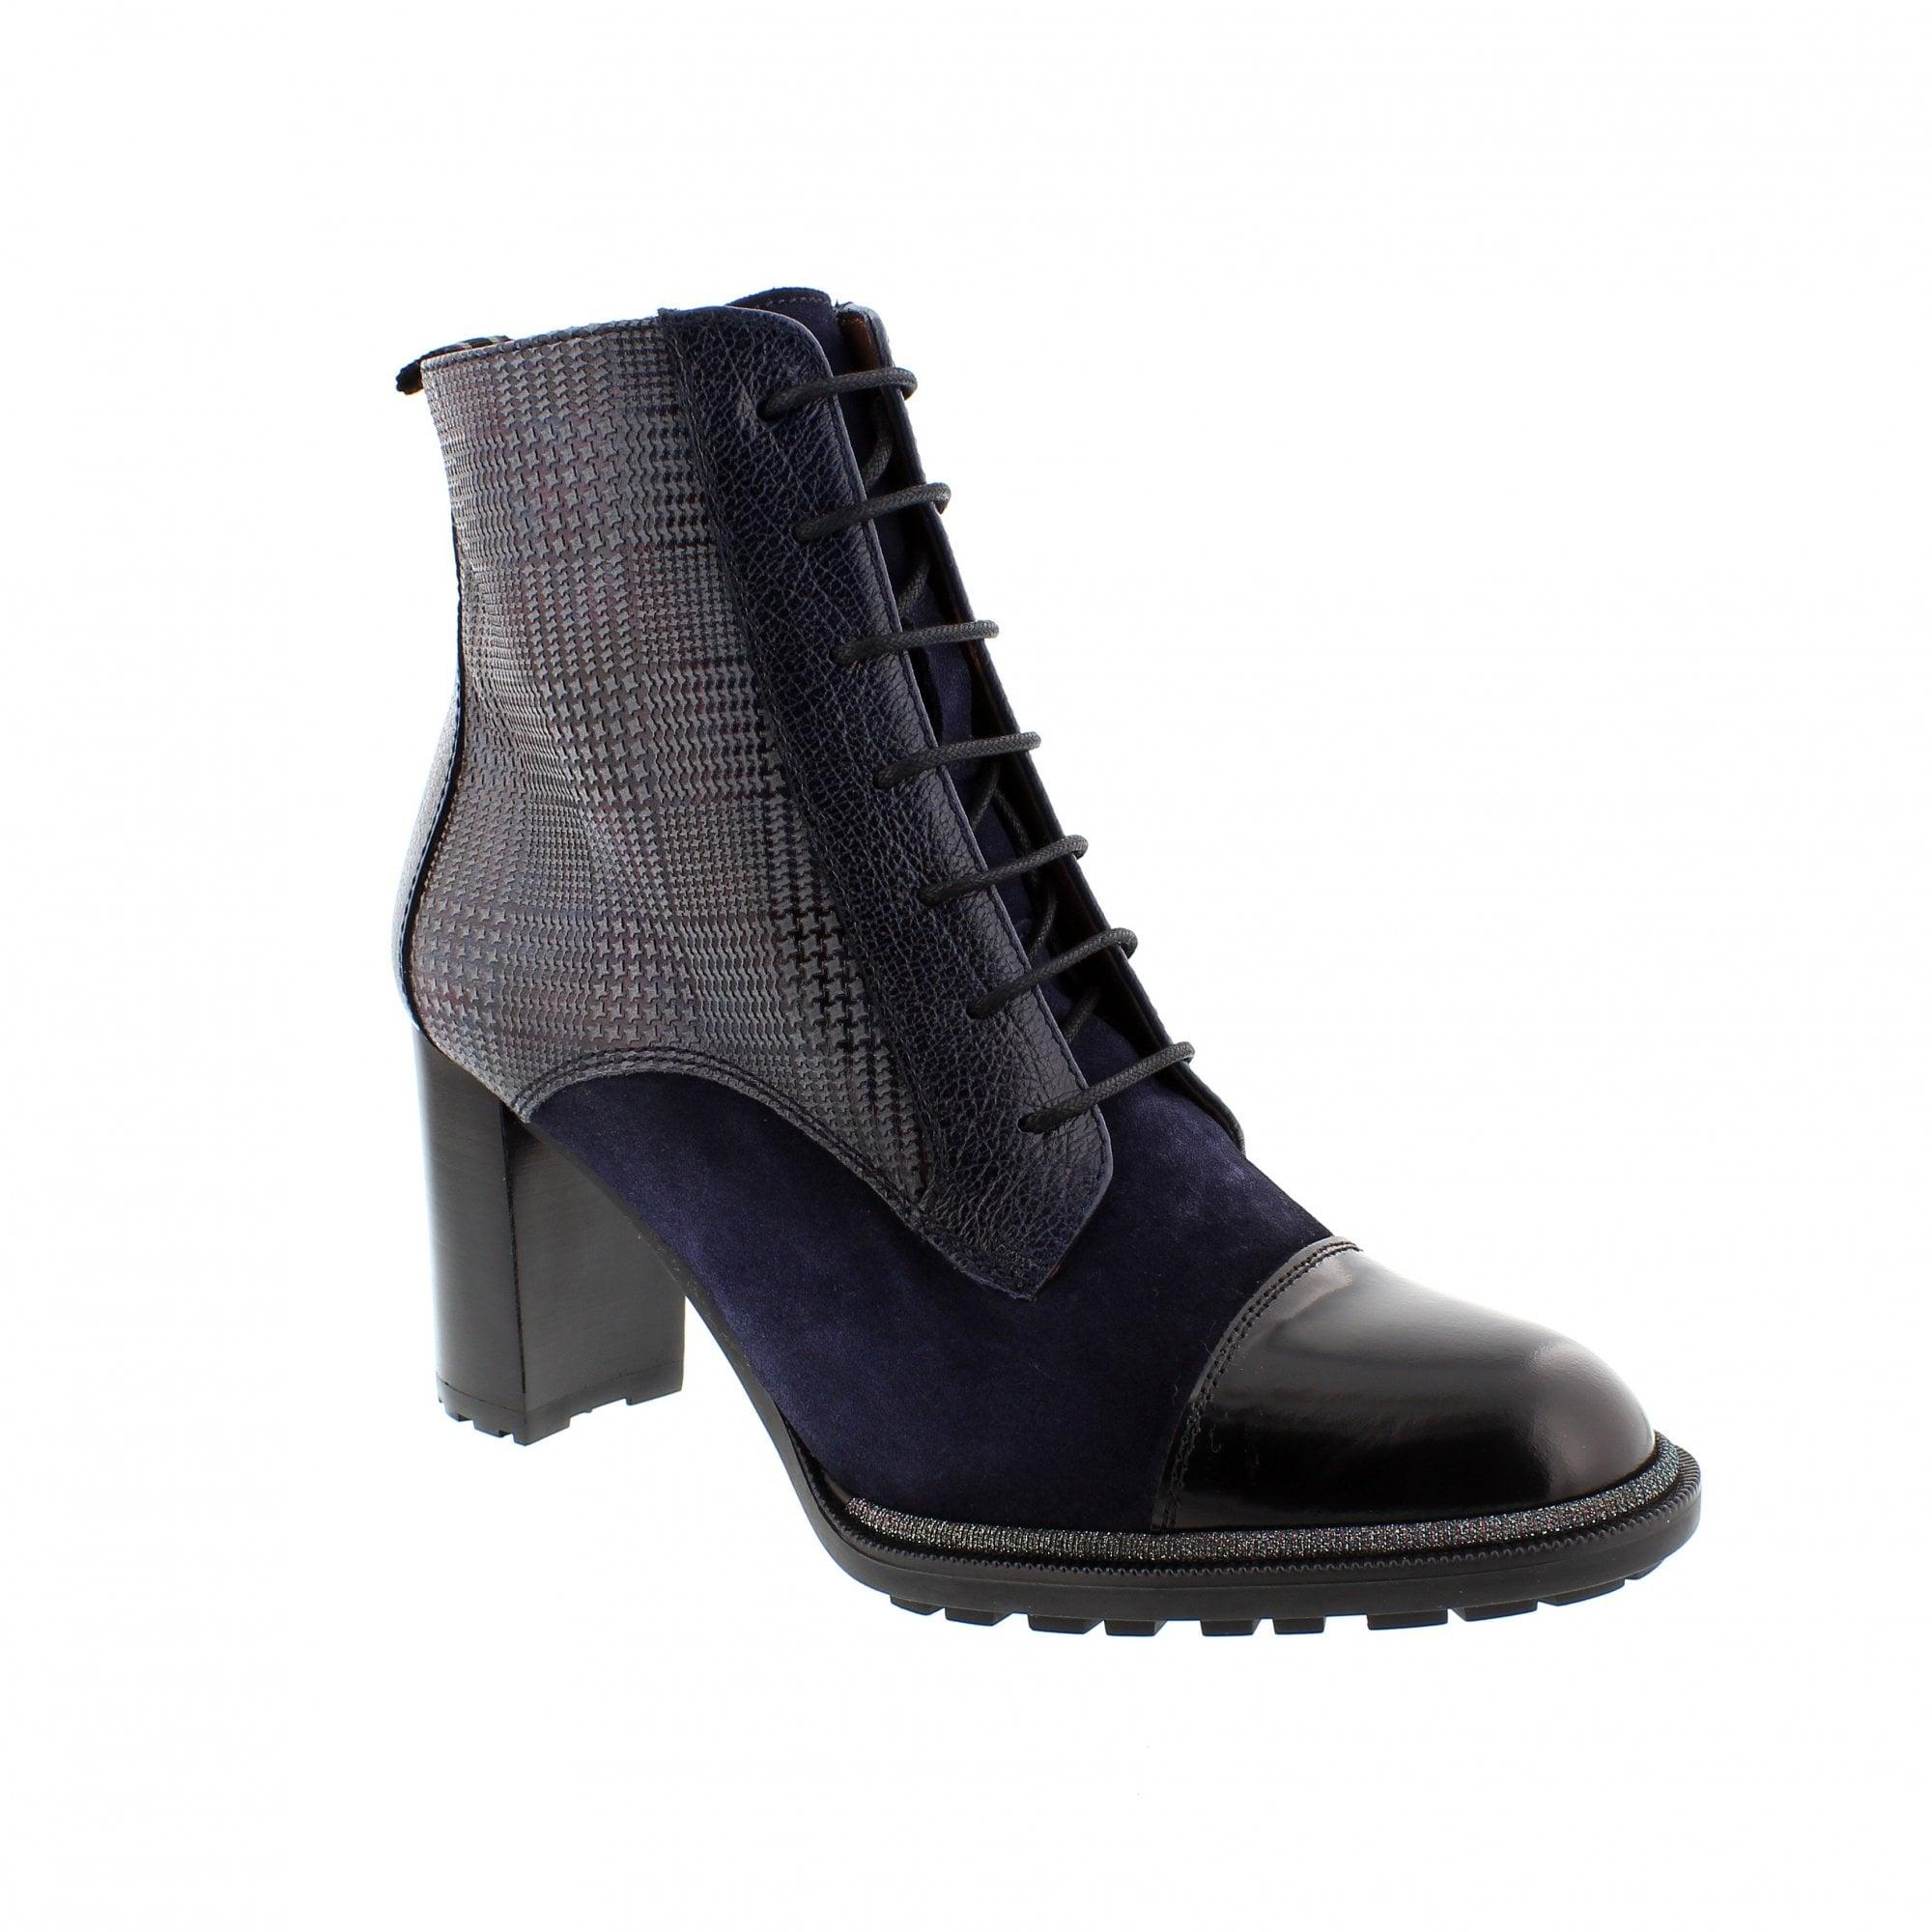 15c1ddf61d615f Hispanitas Parsley 87724-v20 Womens Ankle Boots